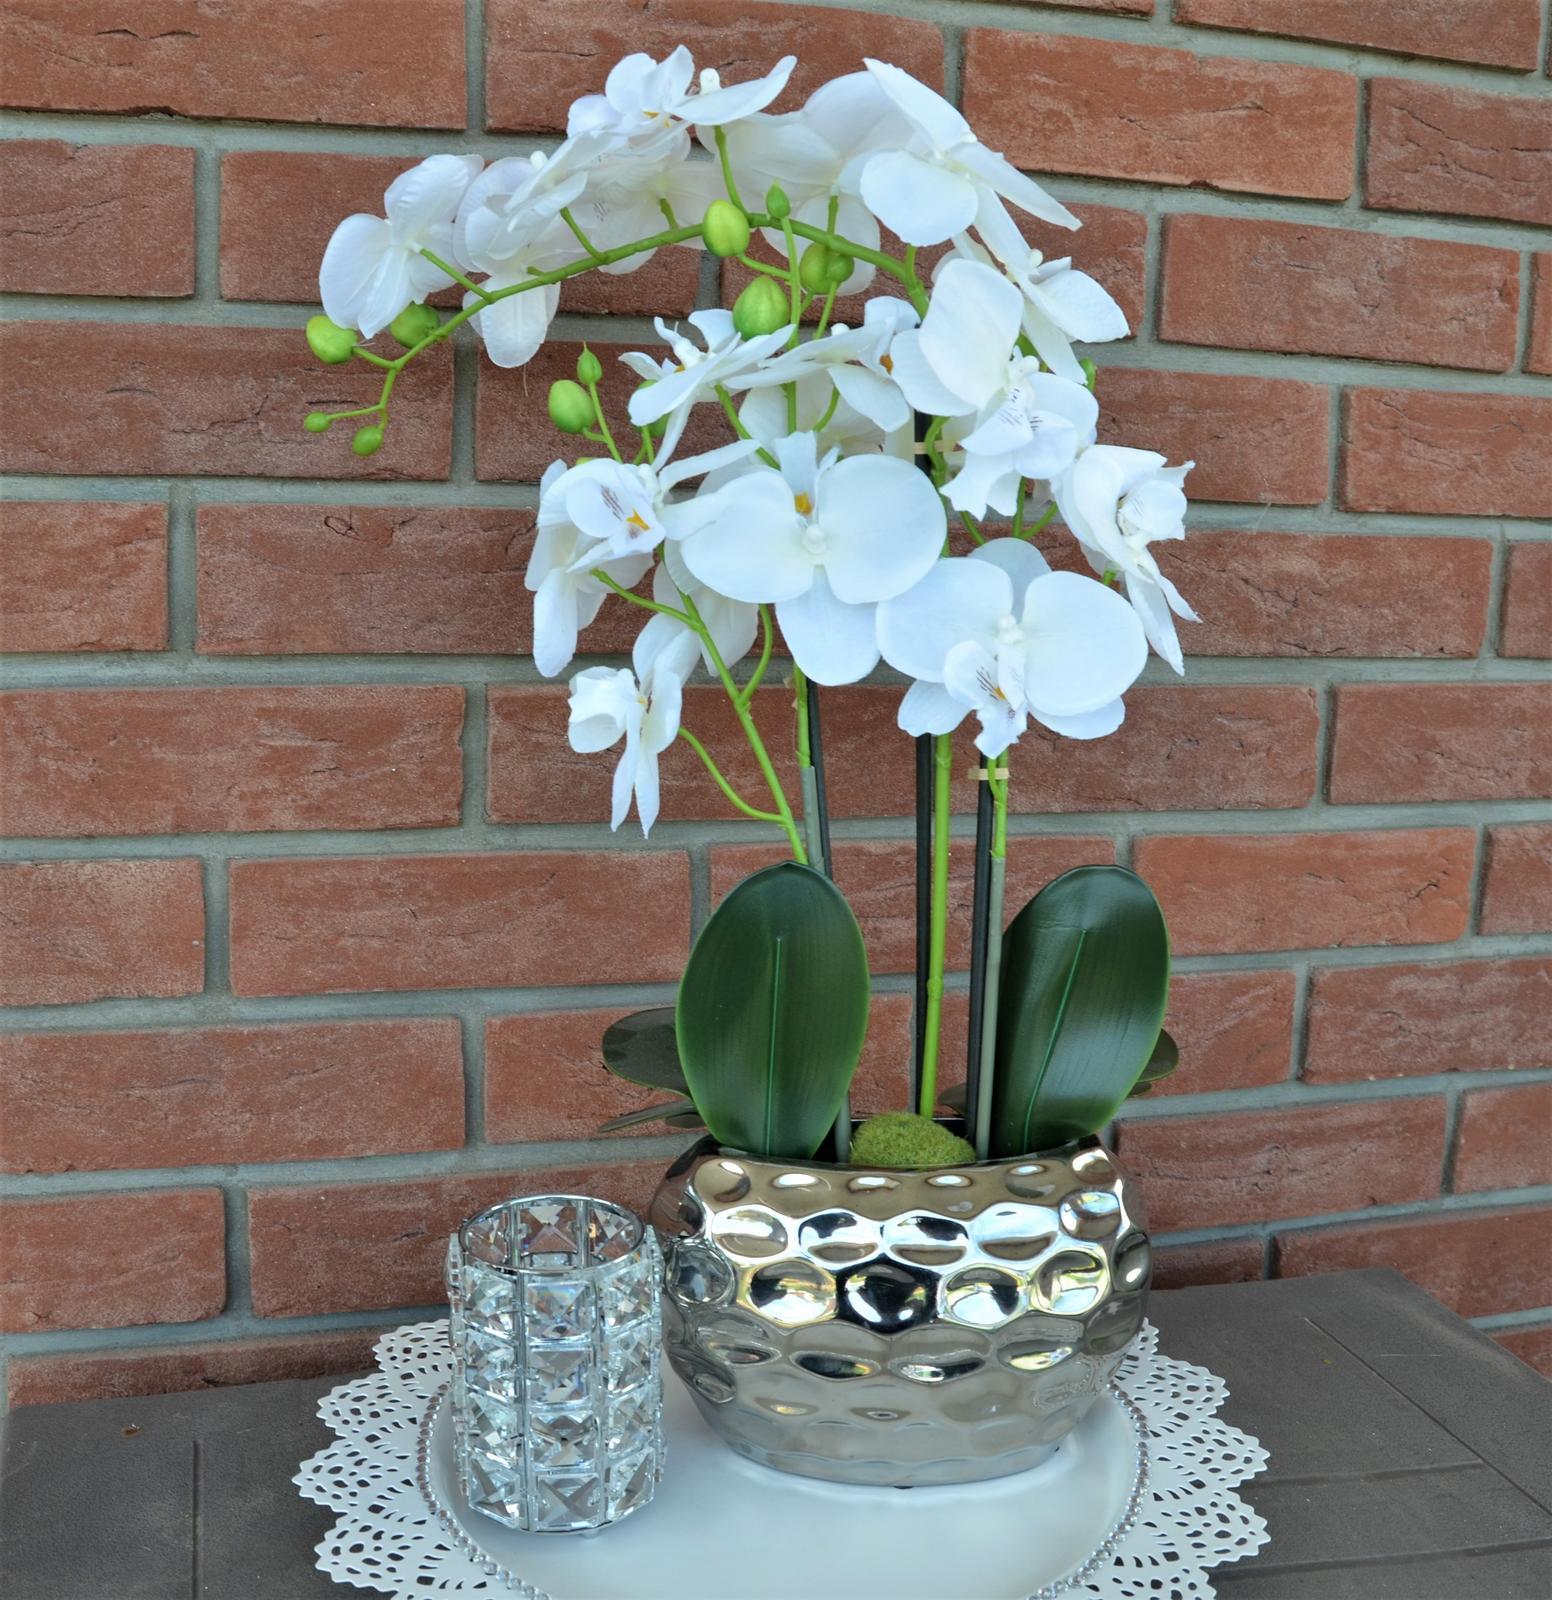 dekorácia orchidea - Obrázok č. 1